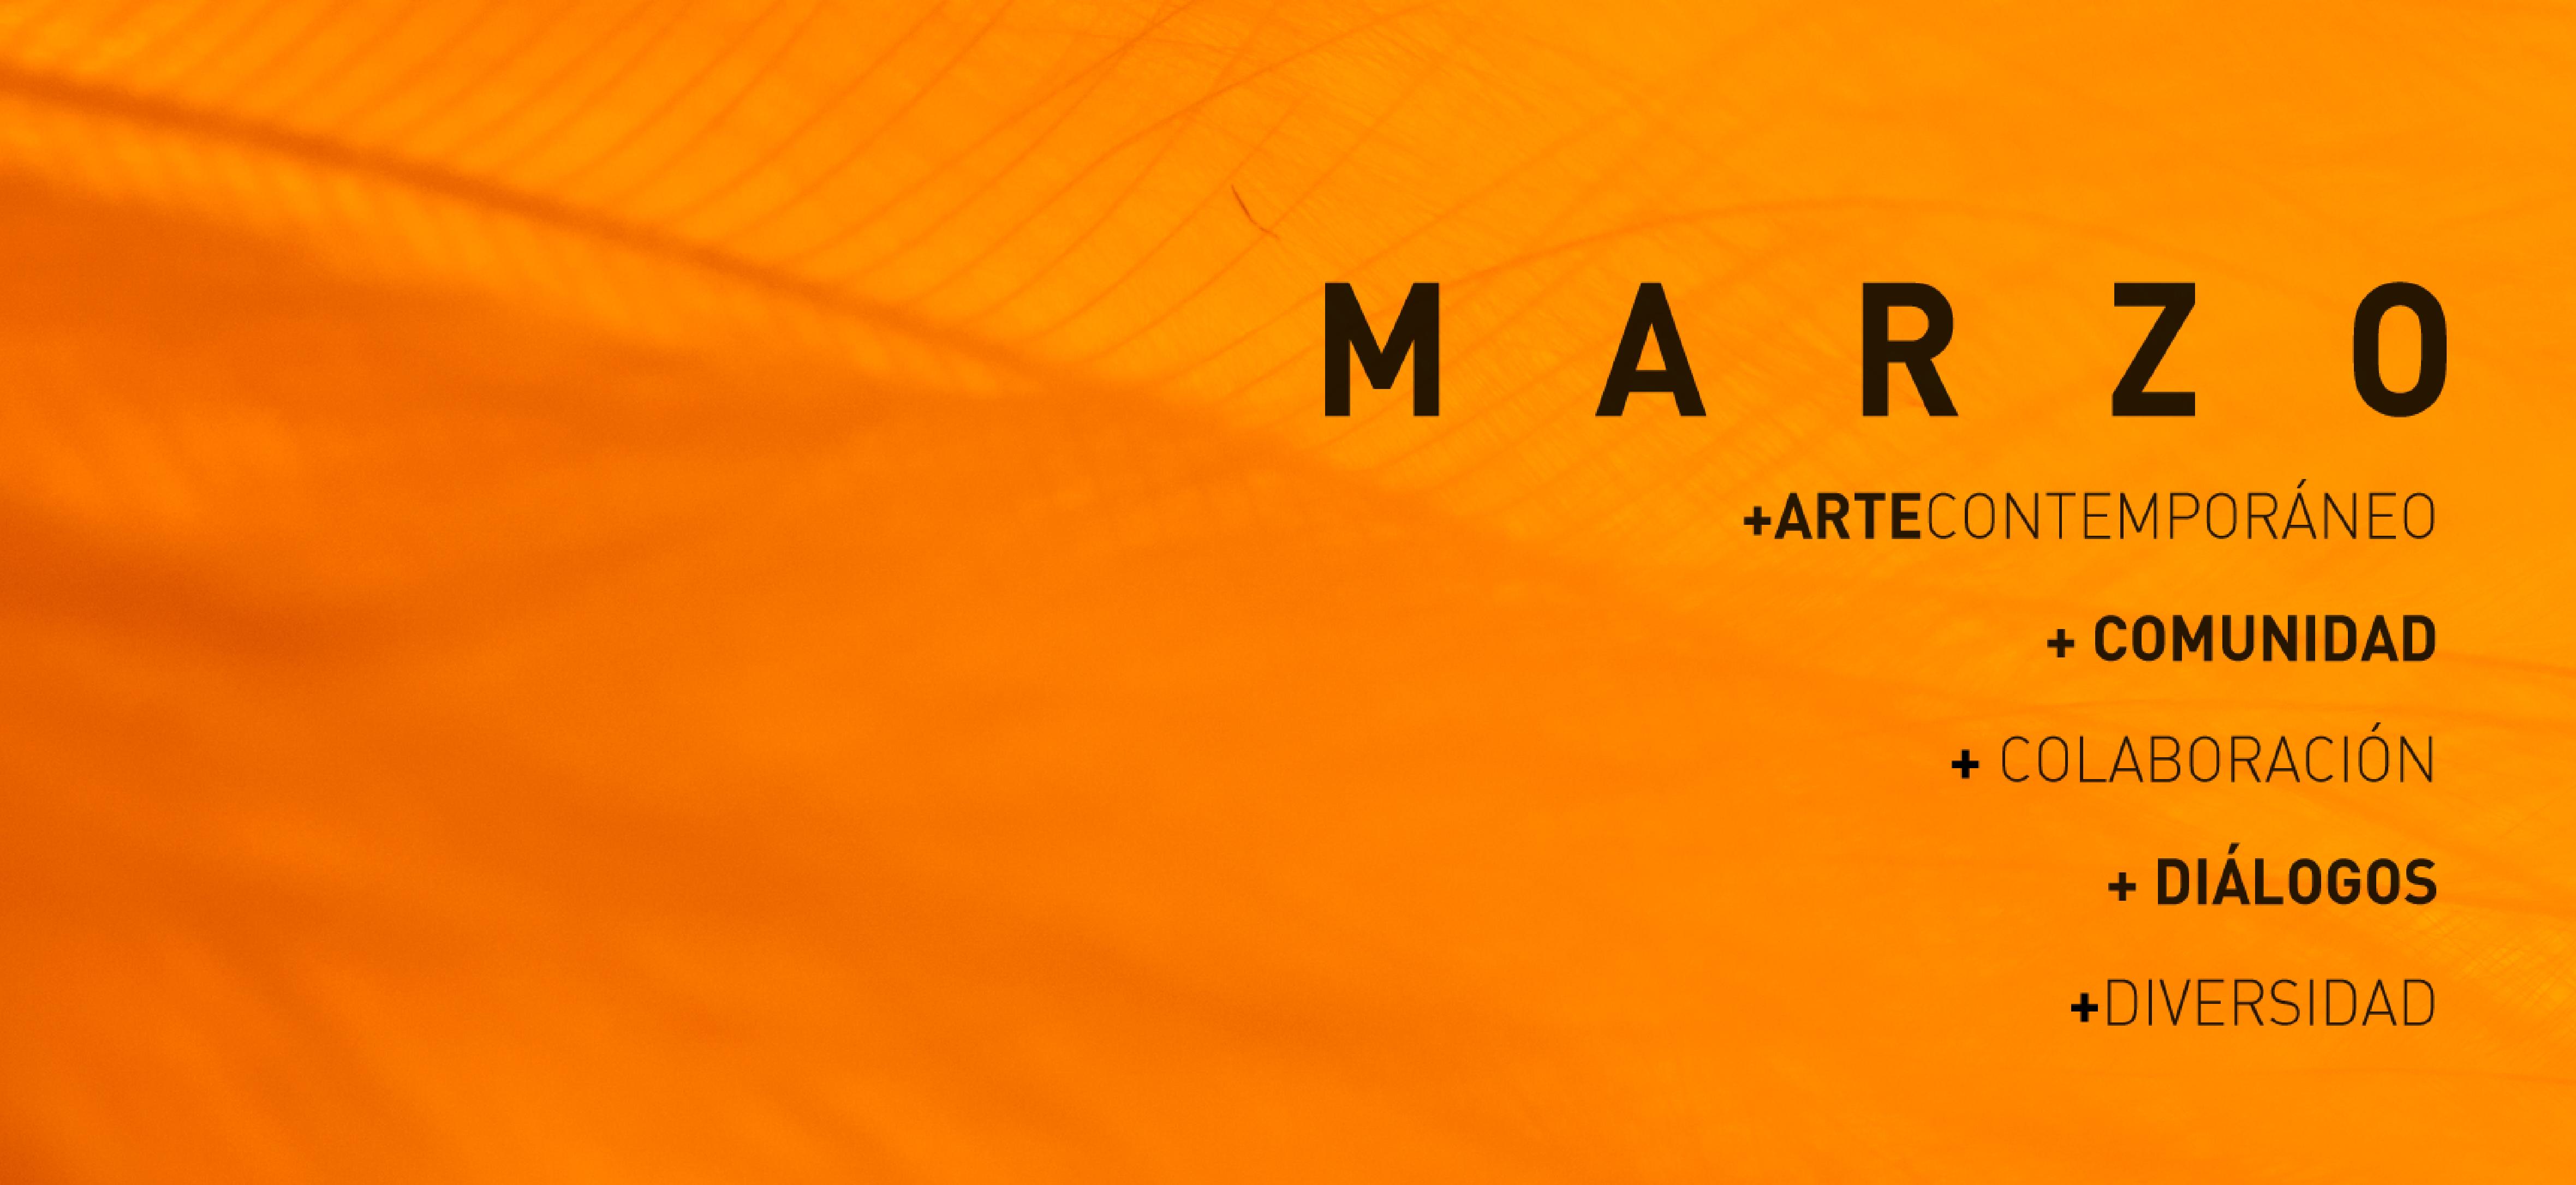 2020 en nuestro espacio de arte